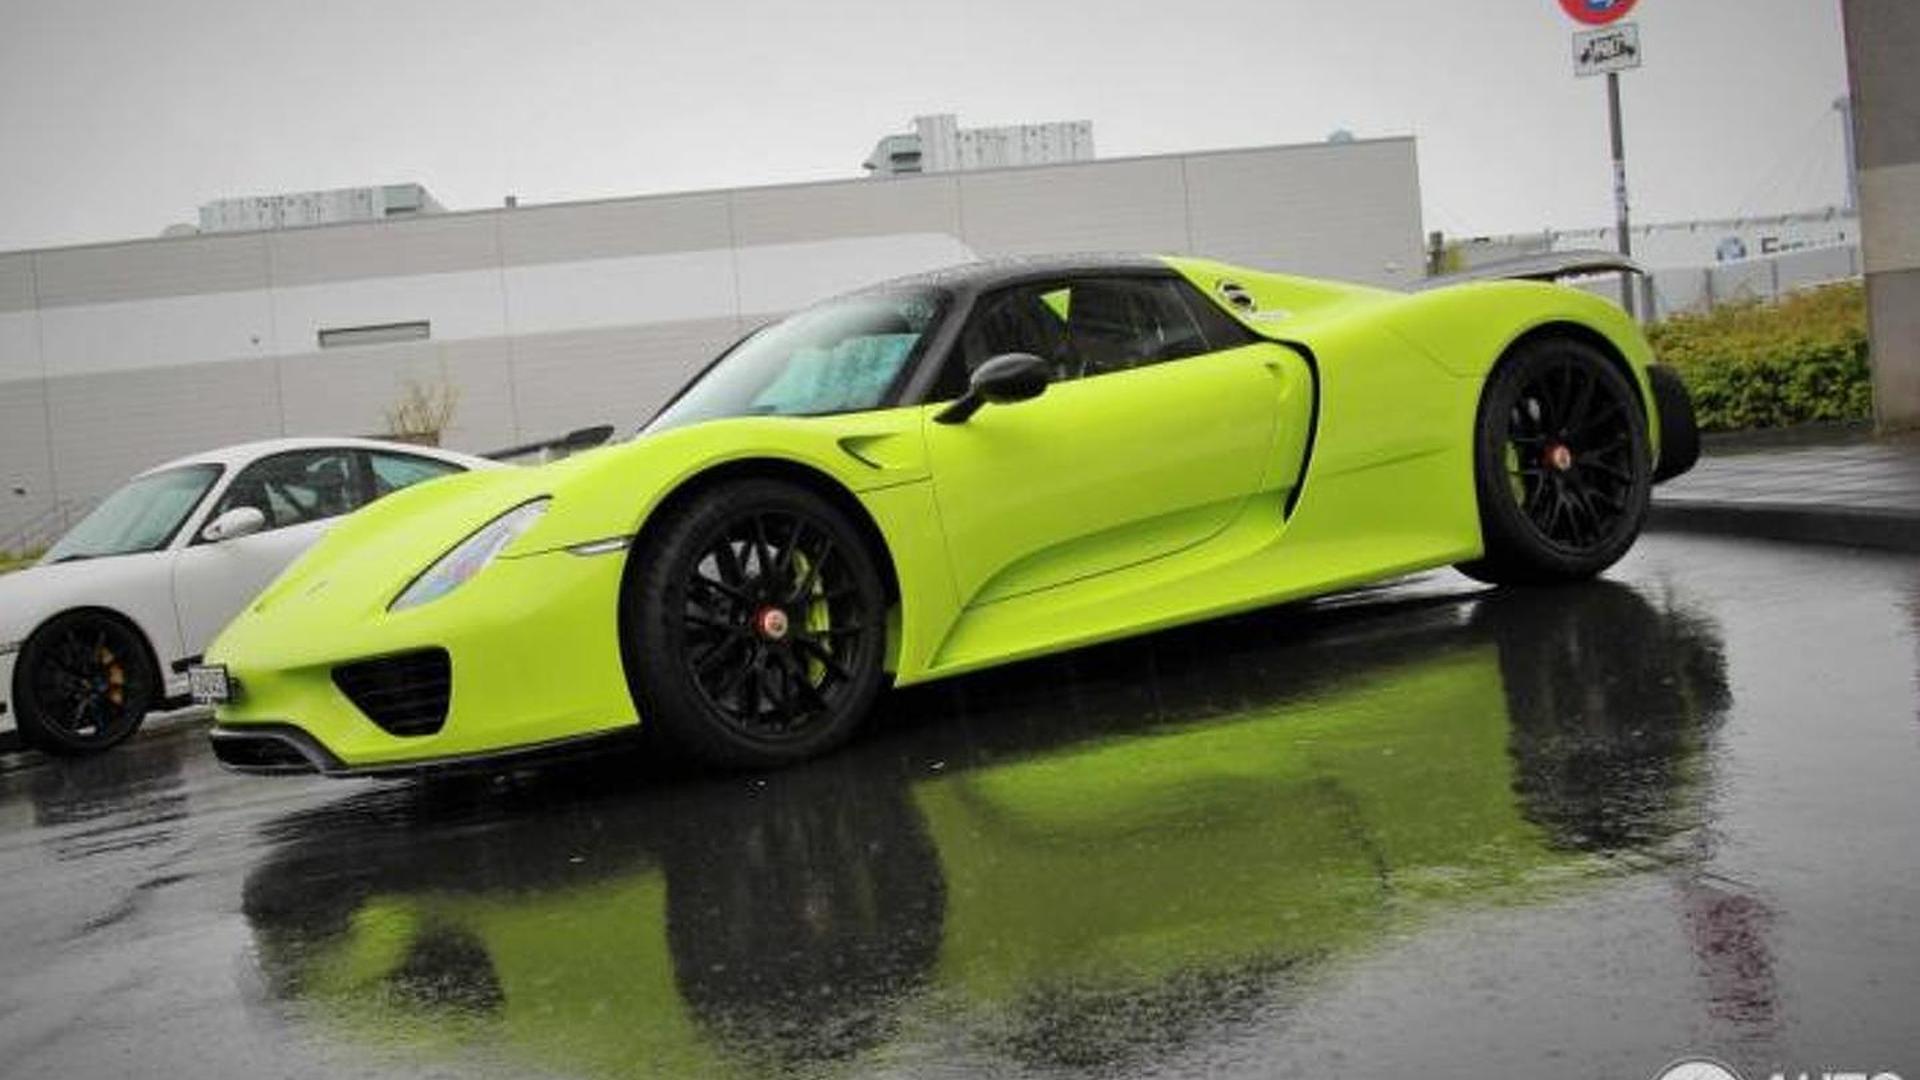 2015-566129-lime-green-porsche-918-spyder-weissach1 Gorgeous Porsche 918 Spyder Acid Green Cars Trend